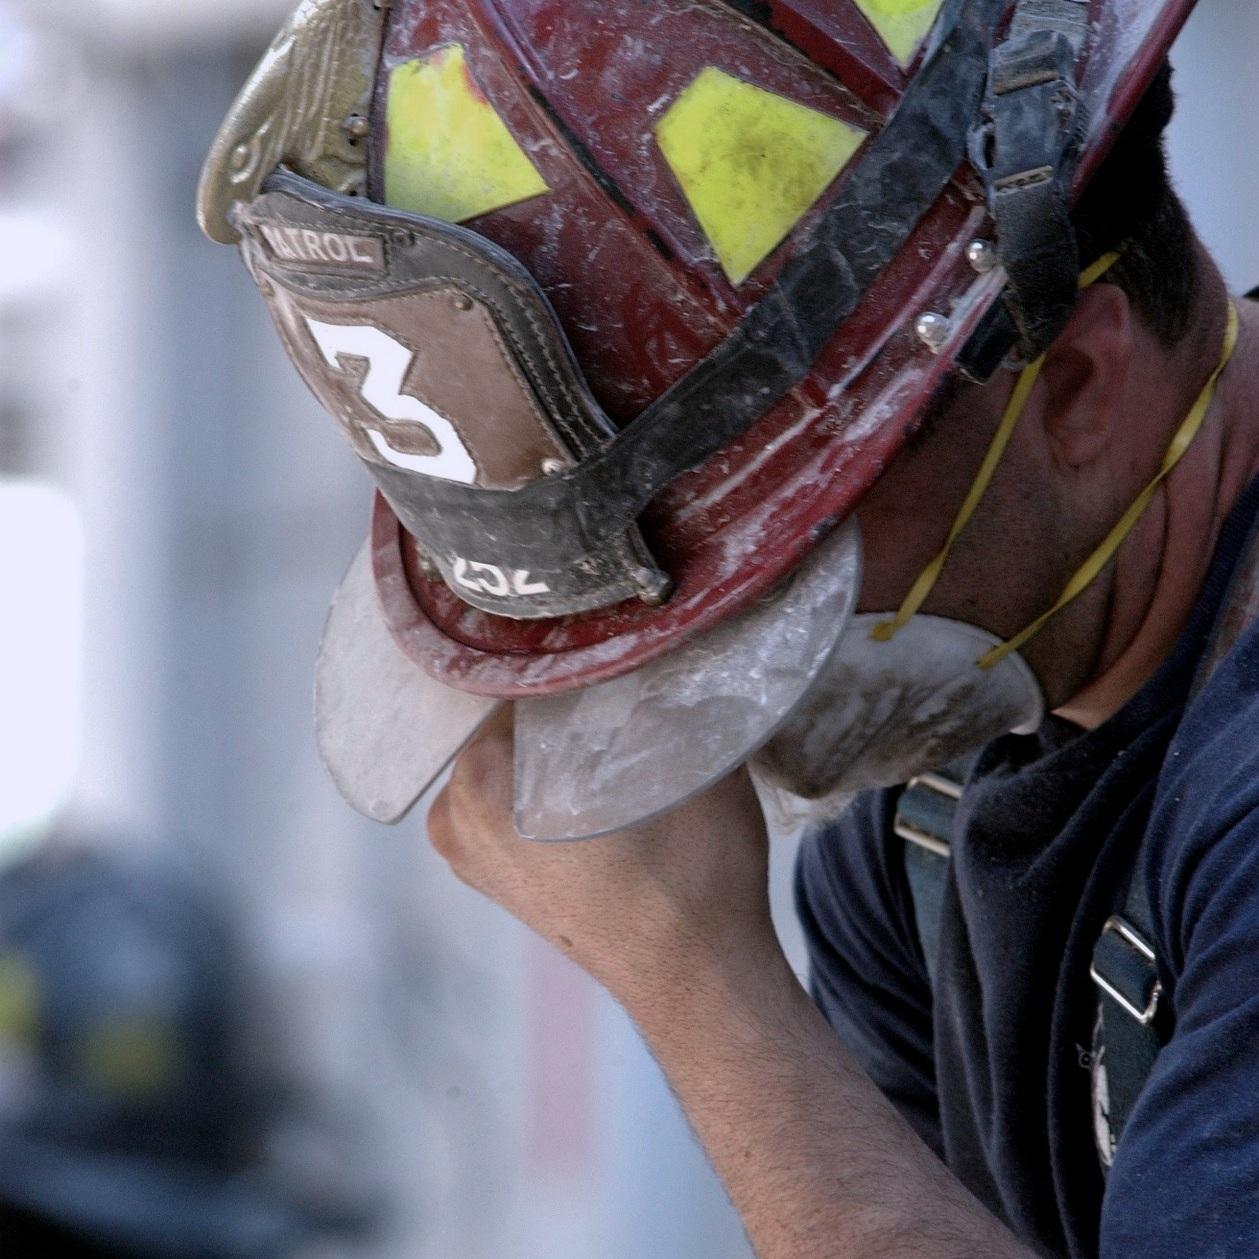 fireman-100720_1920.jpg